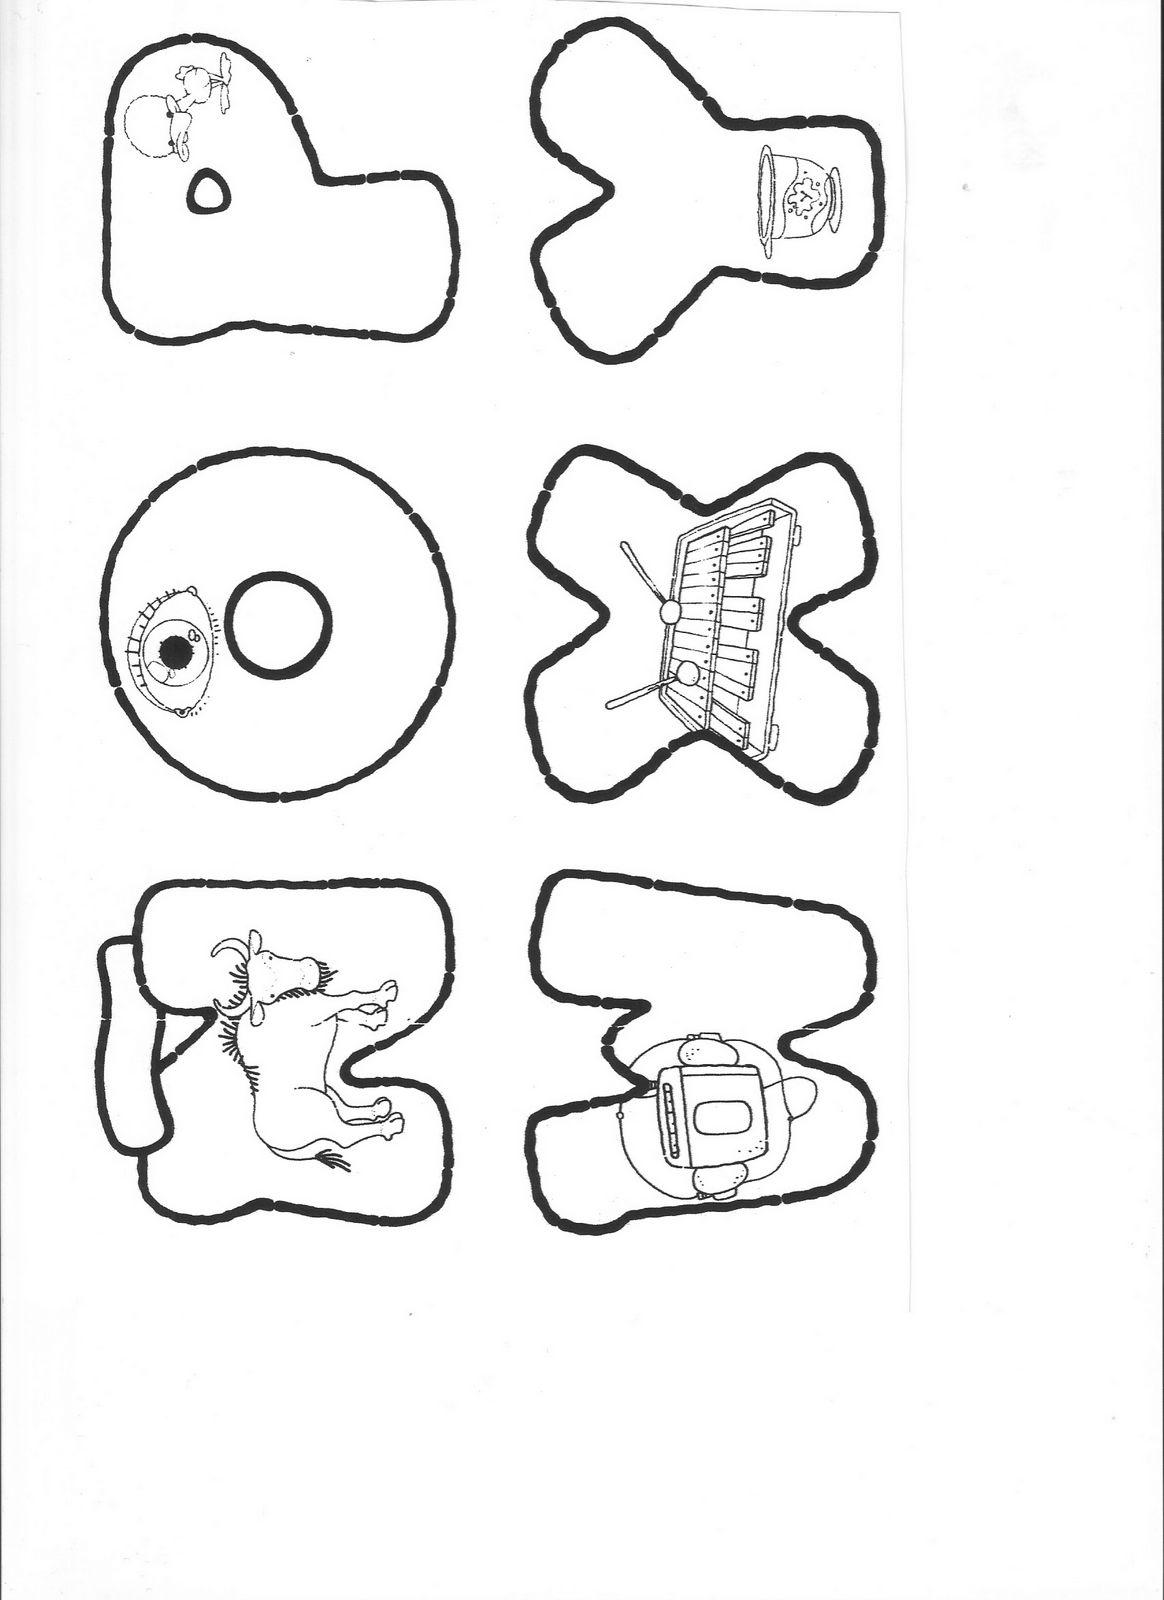 Letras en foami imagenes - Imagui